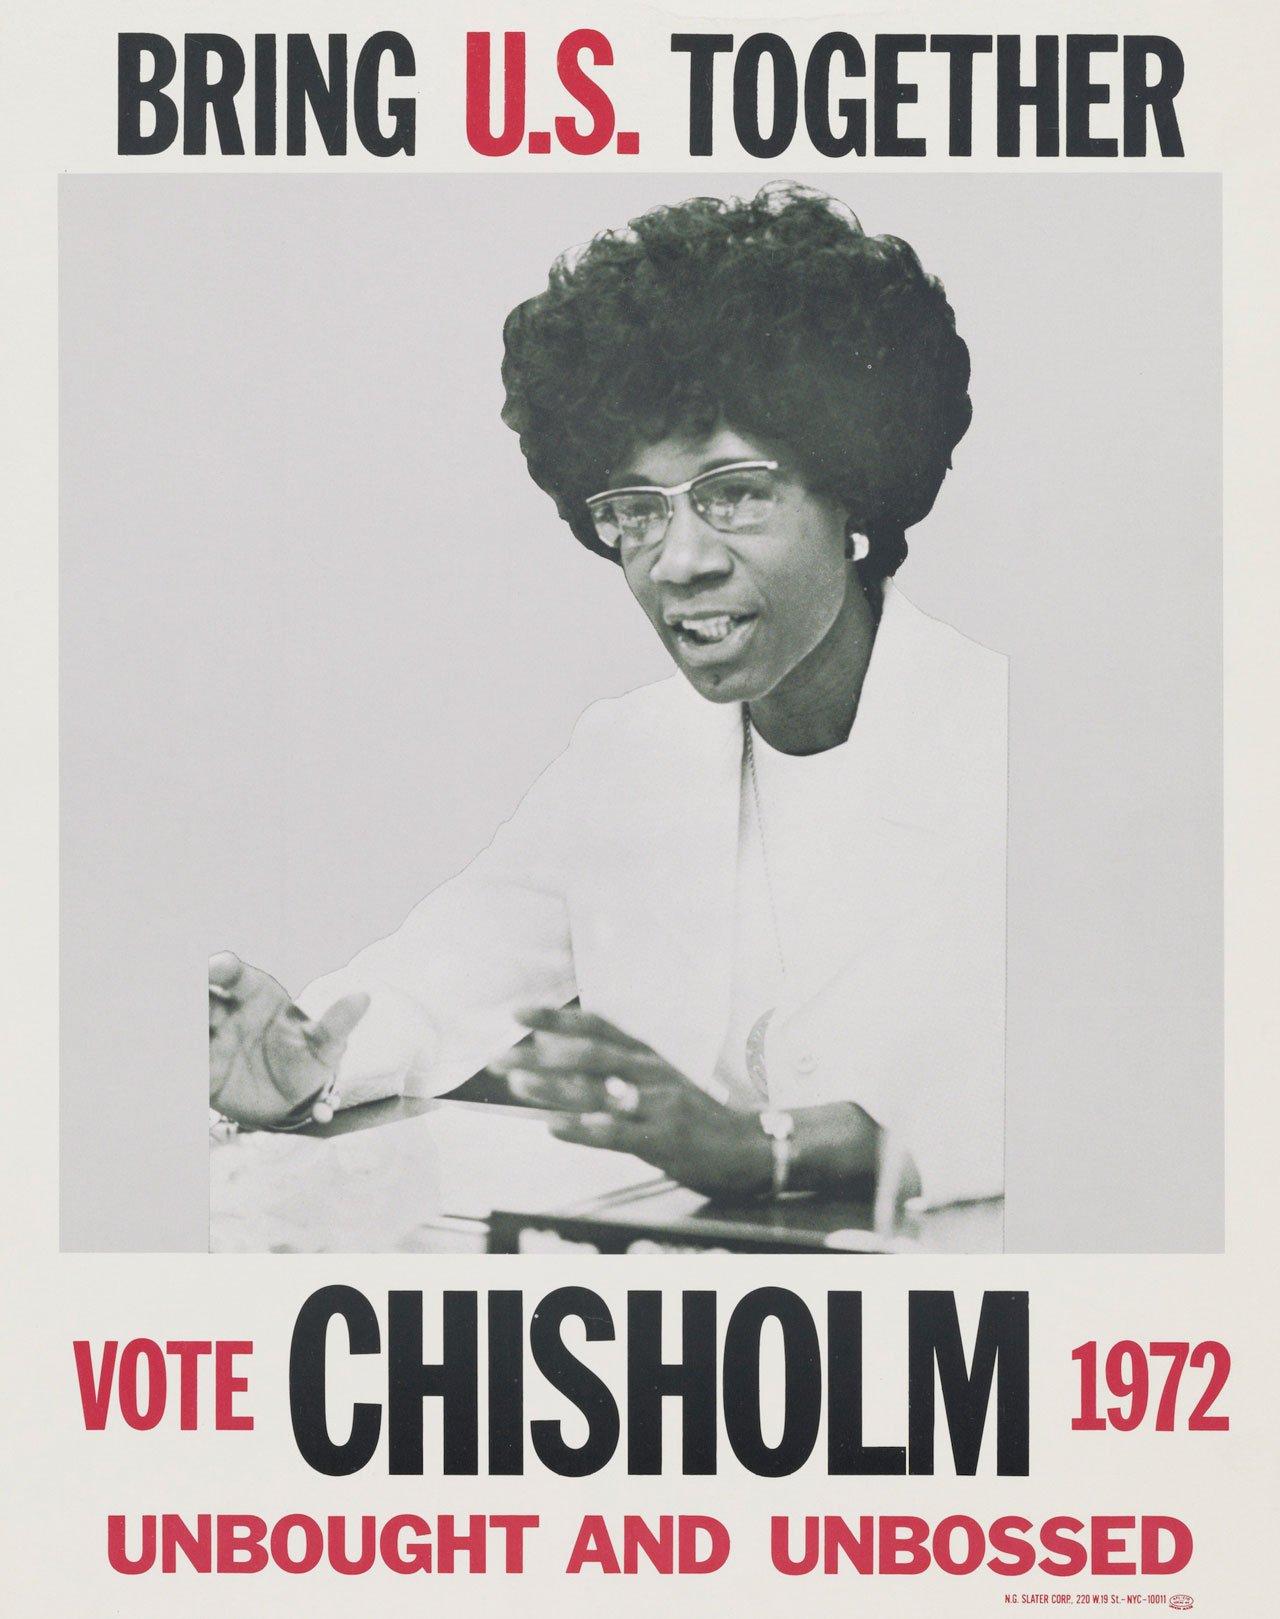 Affiche de Shirley Chisholm, candidate à l'élection présidentielle américaine de 1972 pour le parti démocrate.